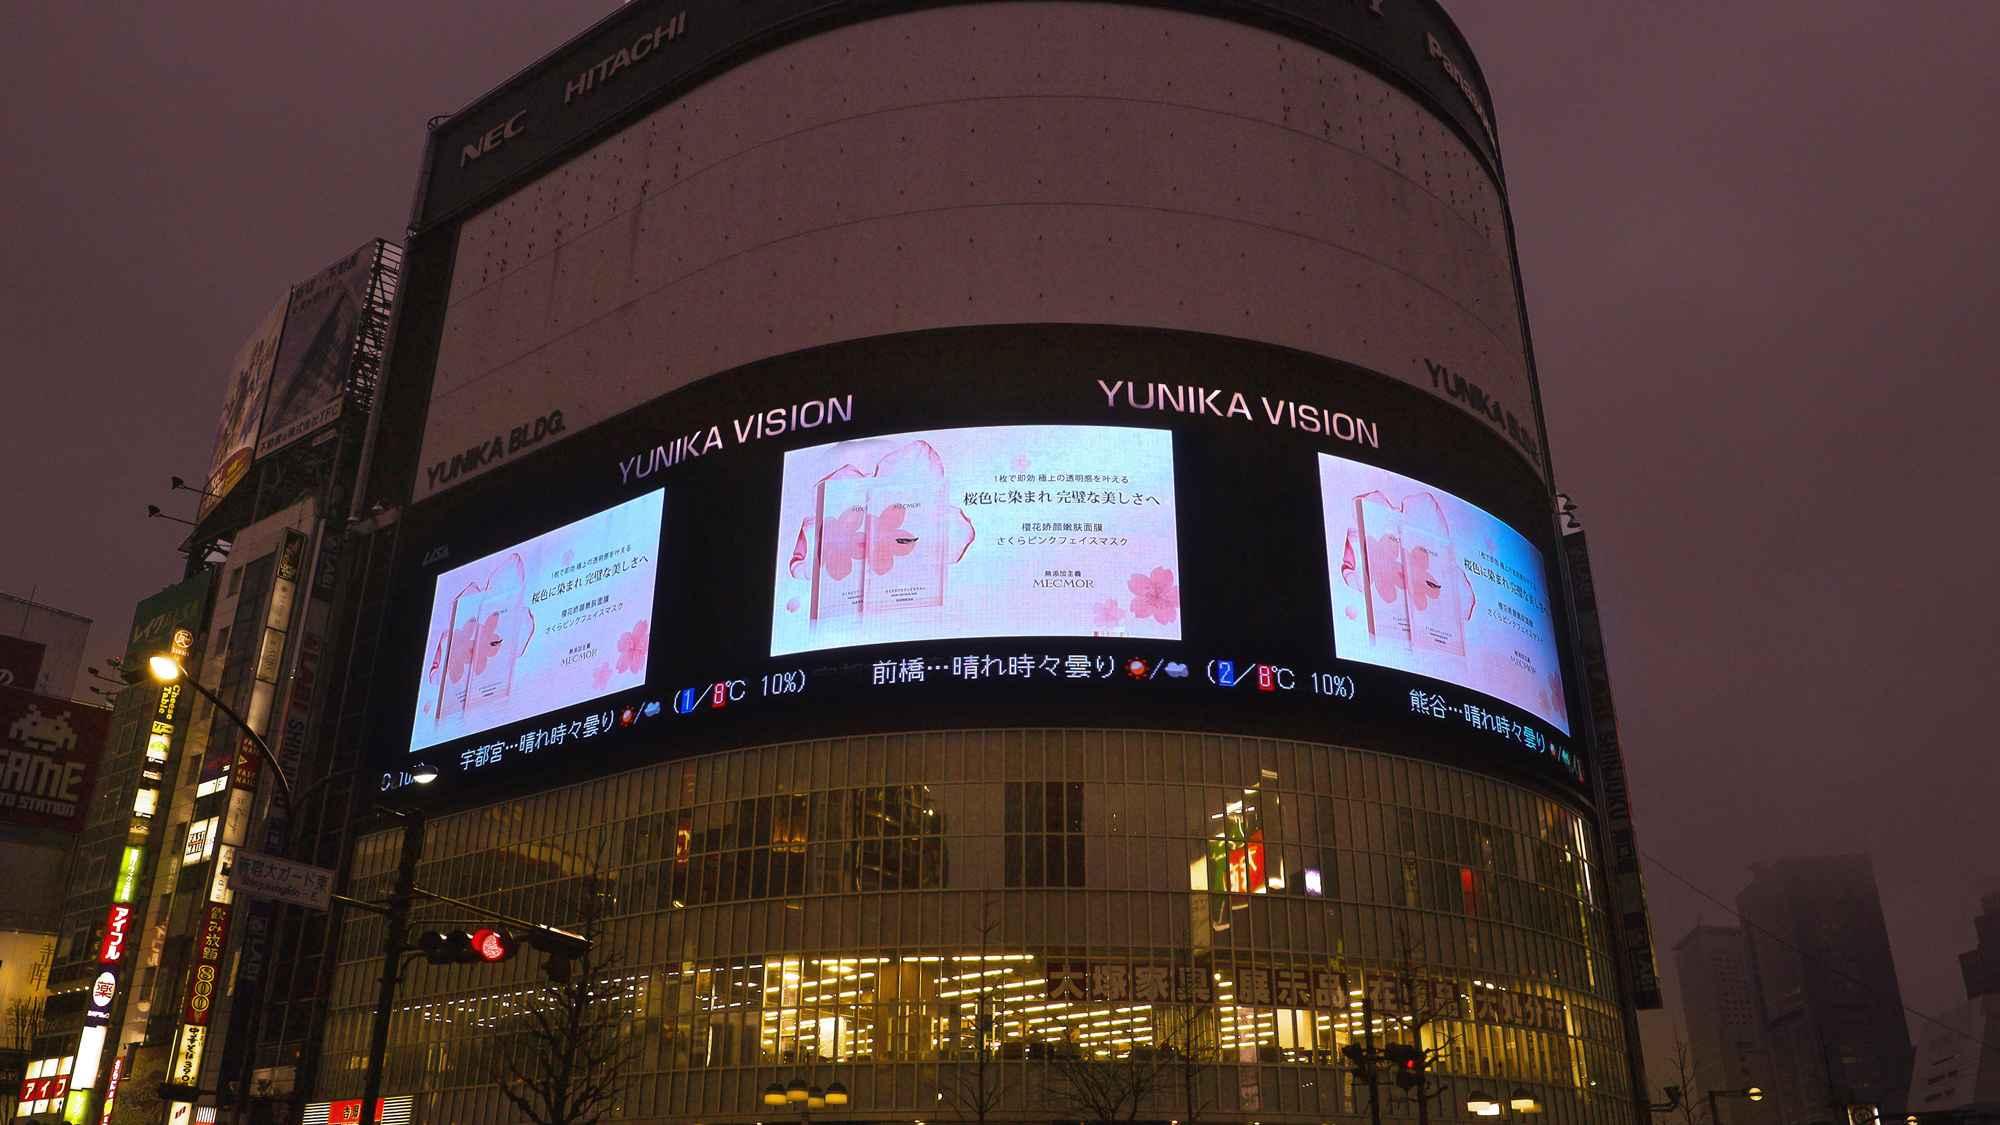 瞩目!本土美妆品牌荣登日本新宿广告大屏,向世界彰显中国力量